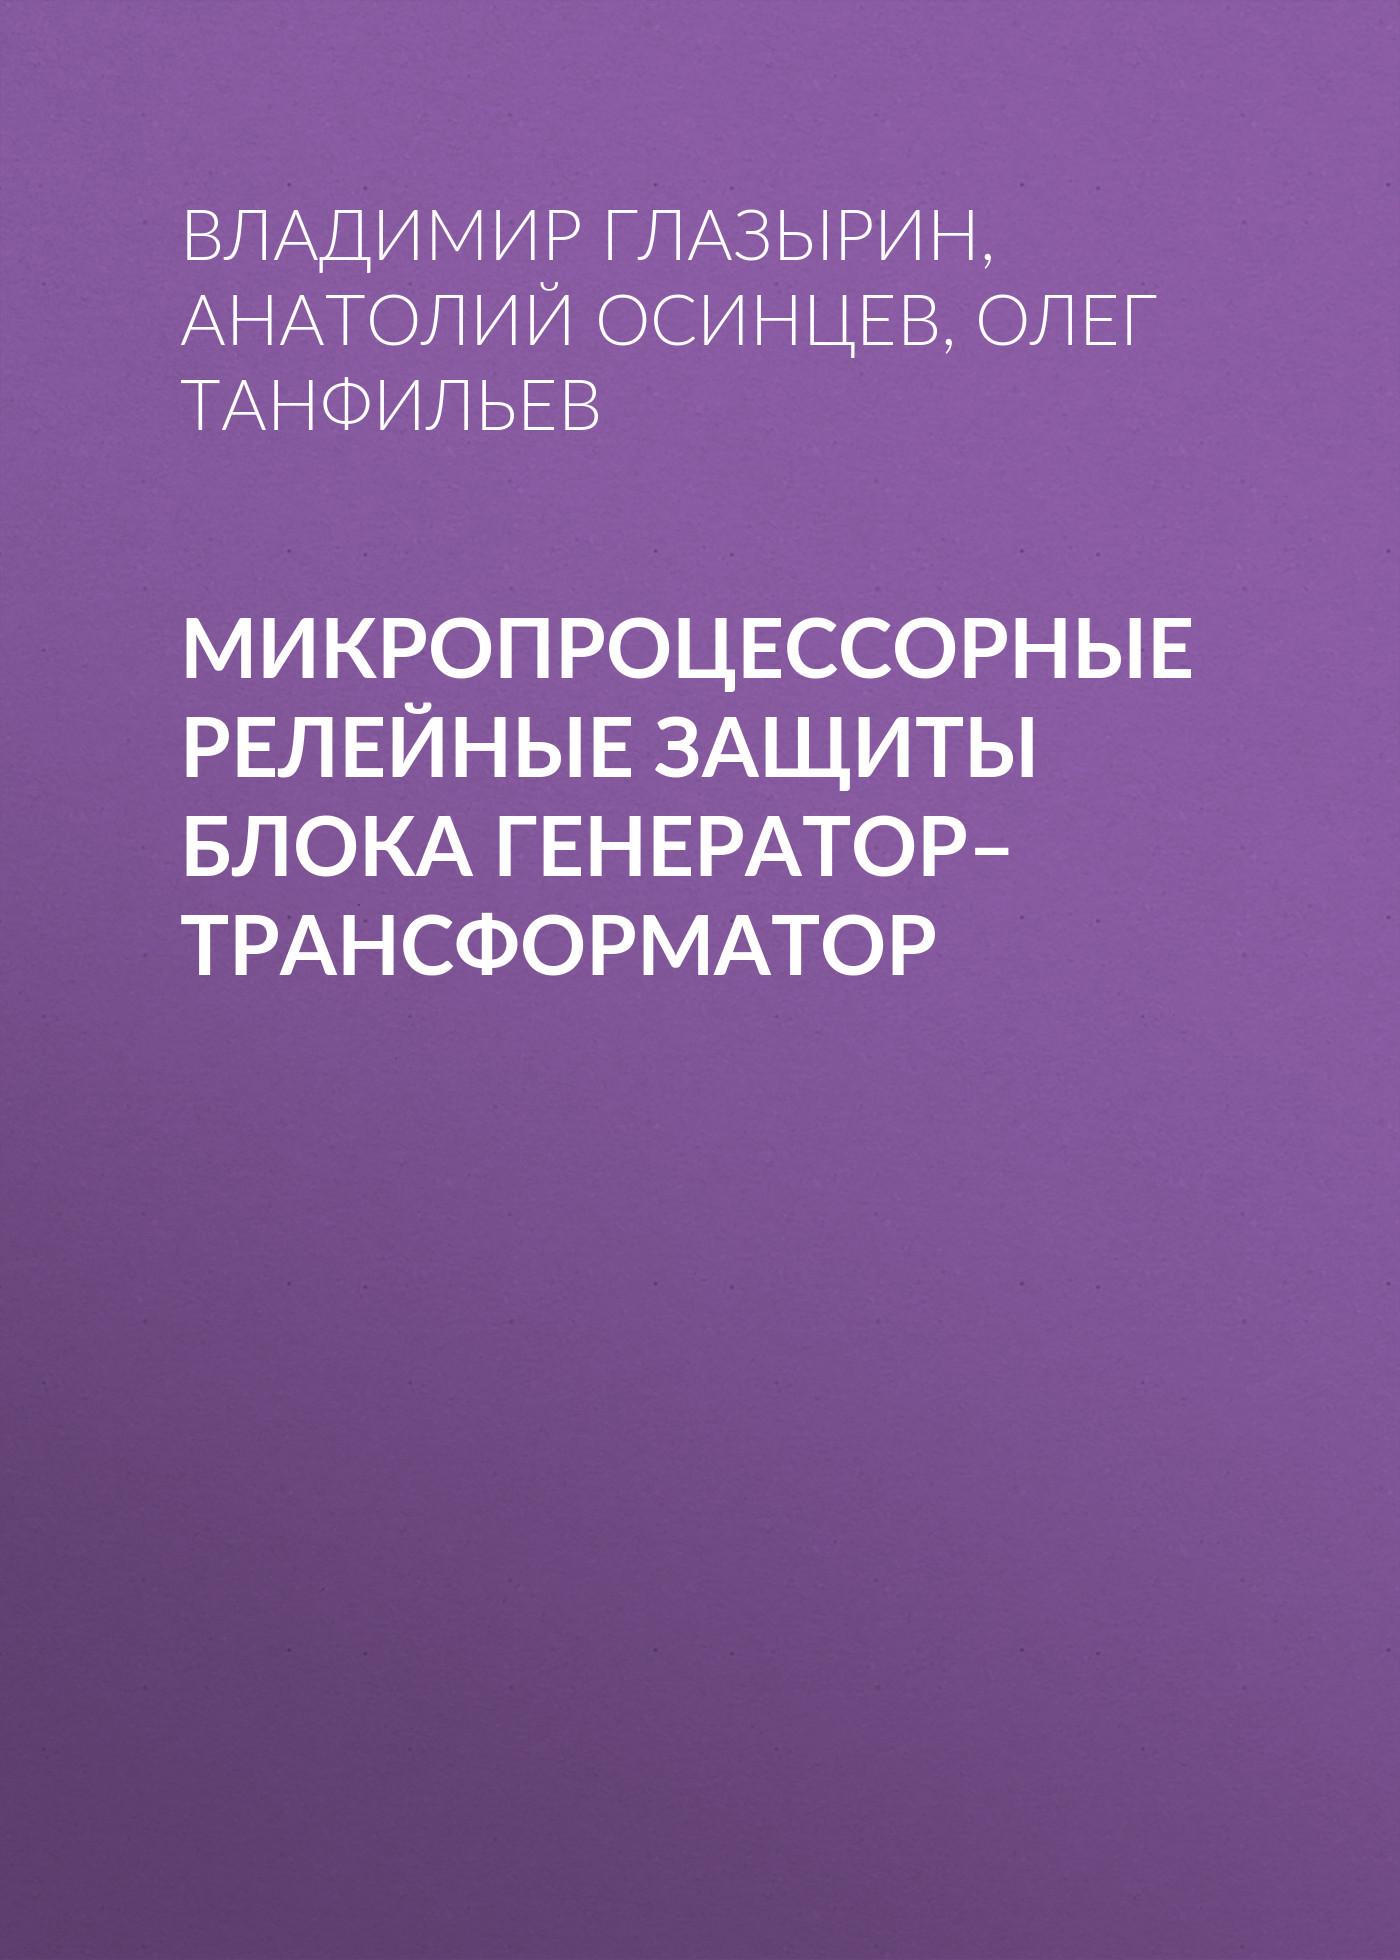 Владимир Глазырин Микропроцессорные релейные защиты блока генератор–трансформатор генератор фольксваген т4 1993 г в